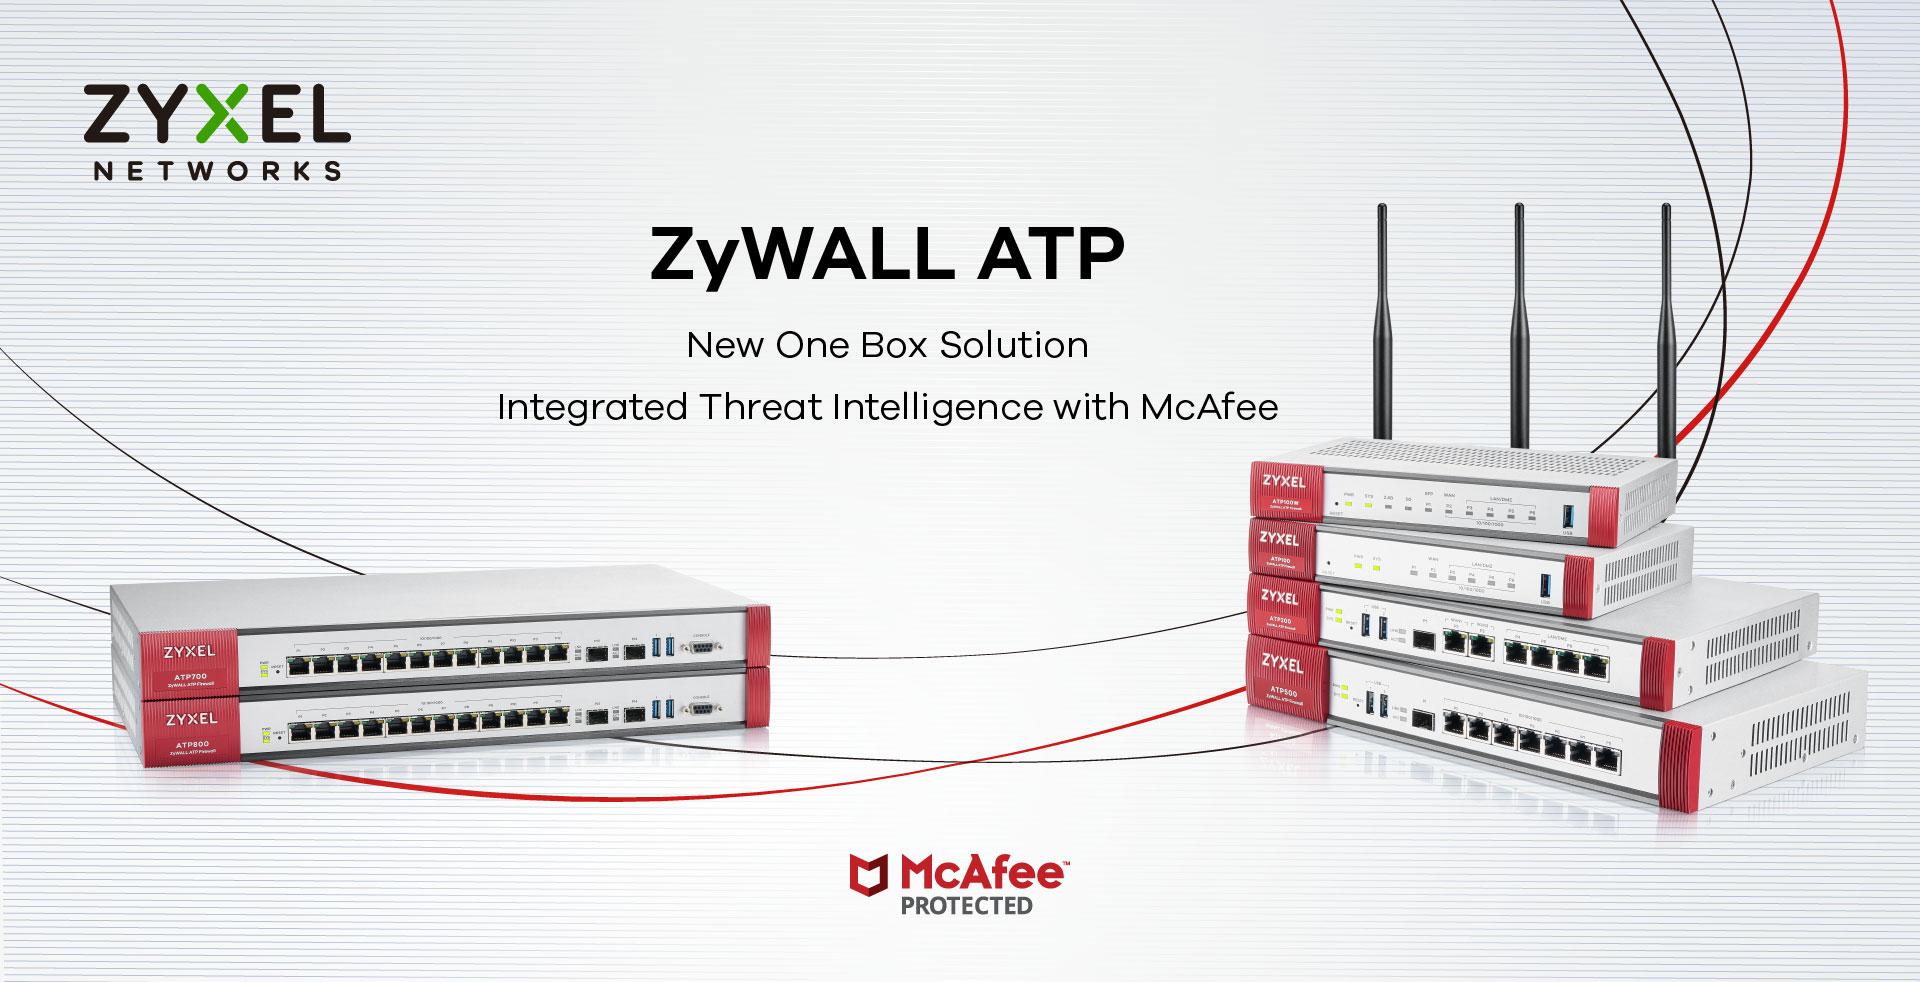 Zyxel Networks_PR image_McAfee, ATP_removed USG Flex